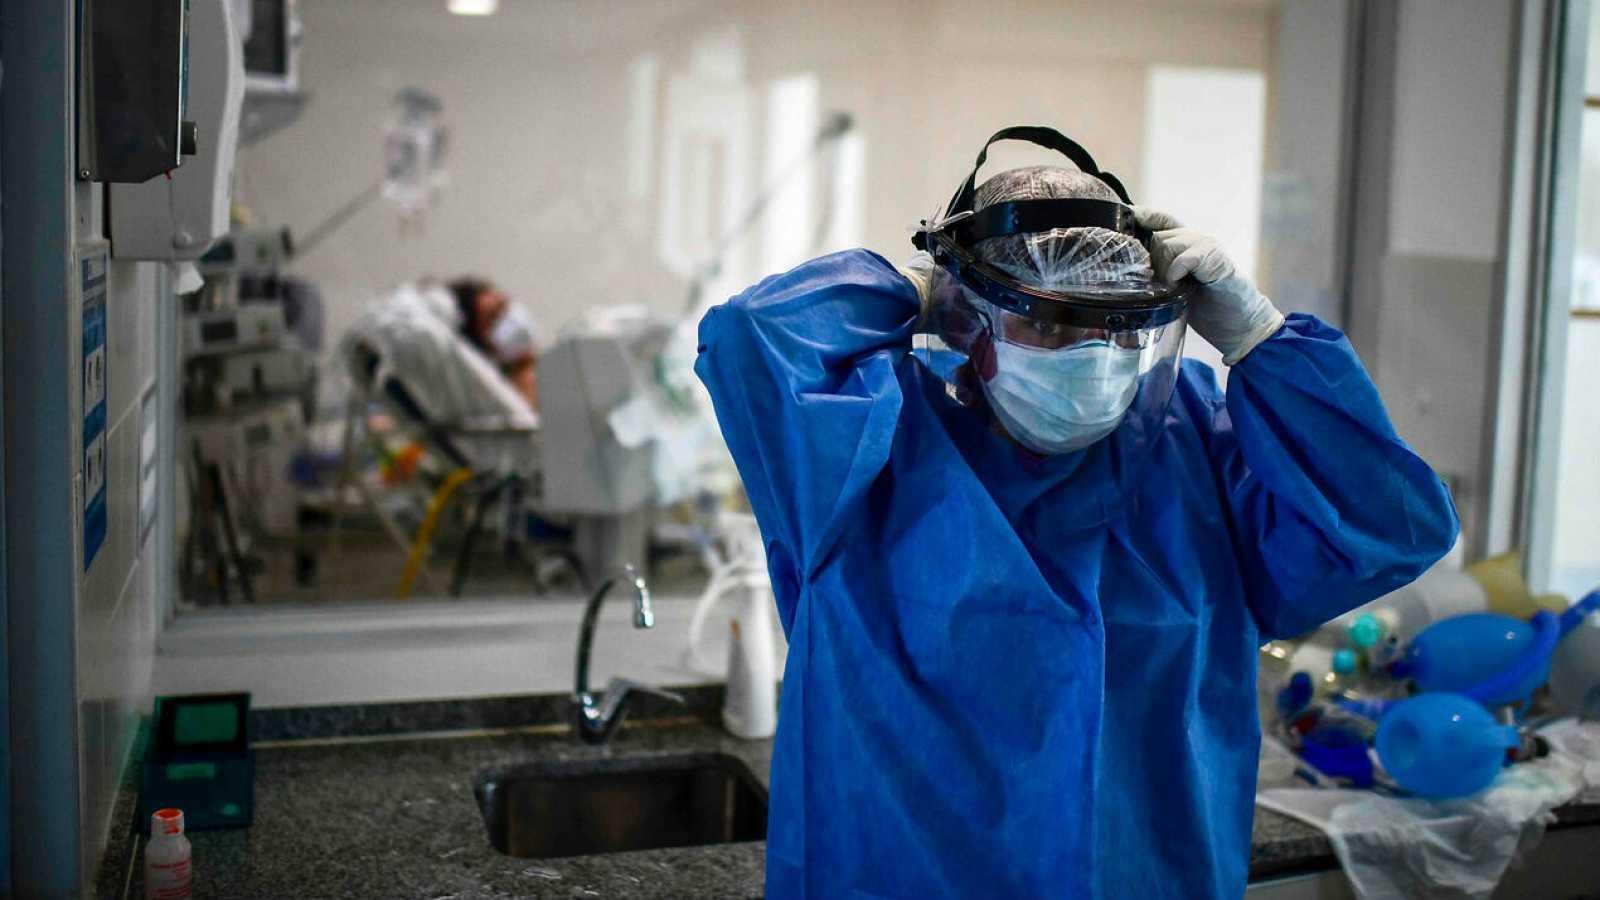 Un médico se coloca un protector facial en el Hospital Nacional Profesor Alejandro Posadas en el municipio de El Palomar, provincia de Buenos Aires, Argentina.